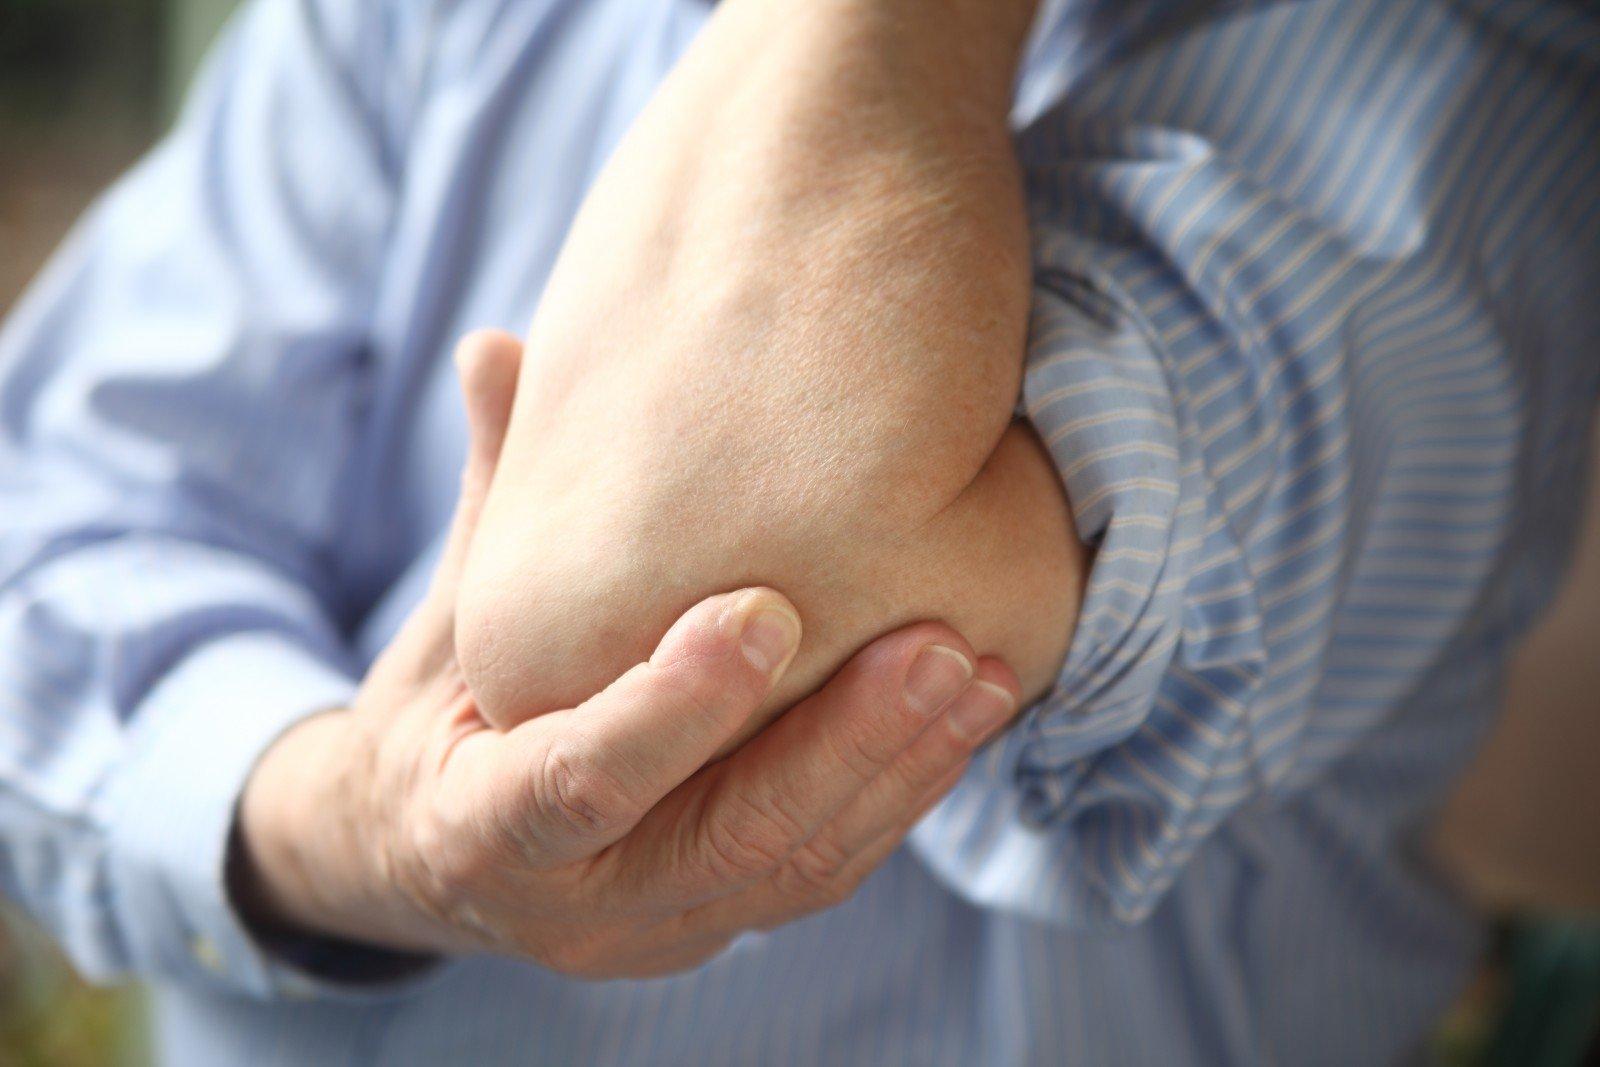 jei jūsų rankos skauda alkūnės sąnarių kojų skausmai